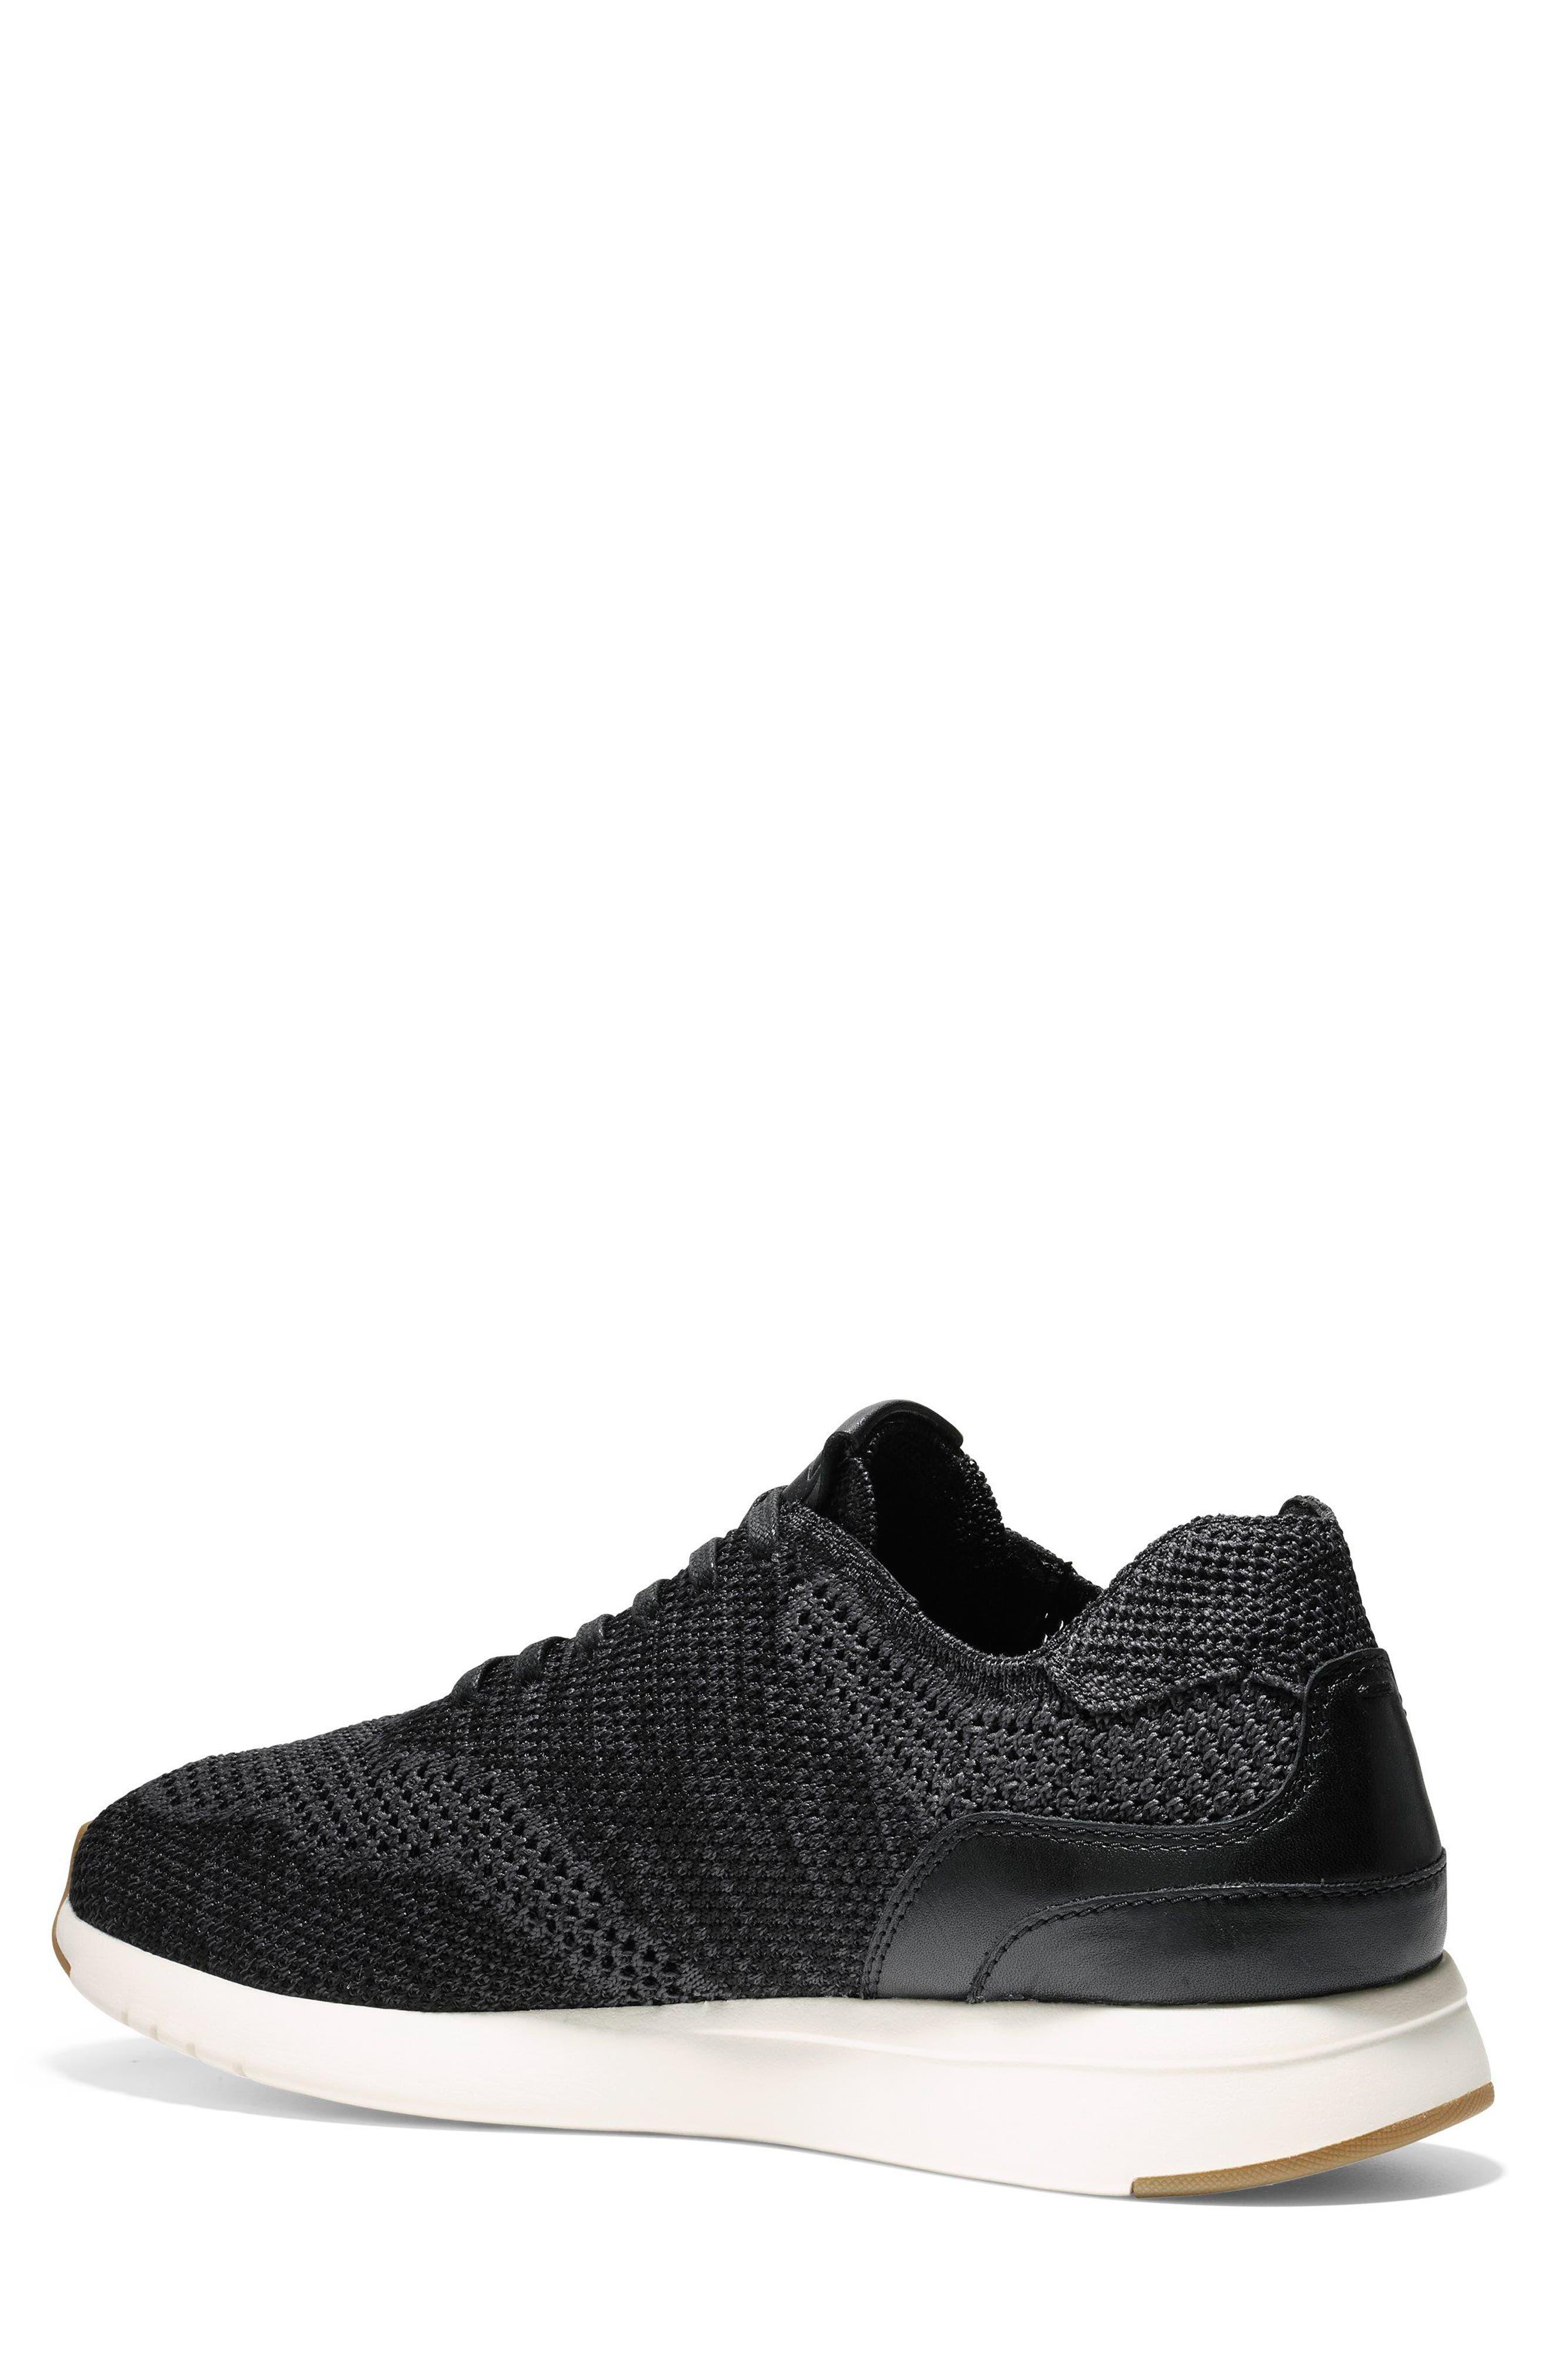 GrandPro Runner Stitchlite Sneaker,                             Alternate thumbnail 2, color,                             001